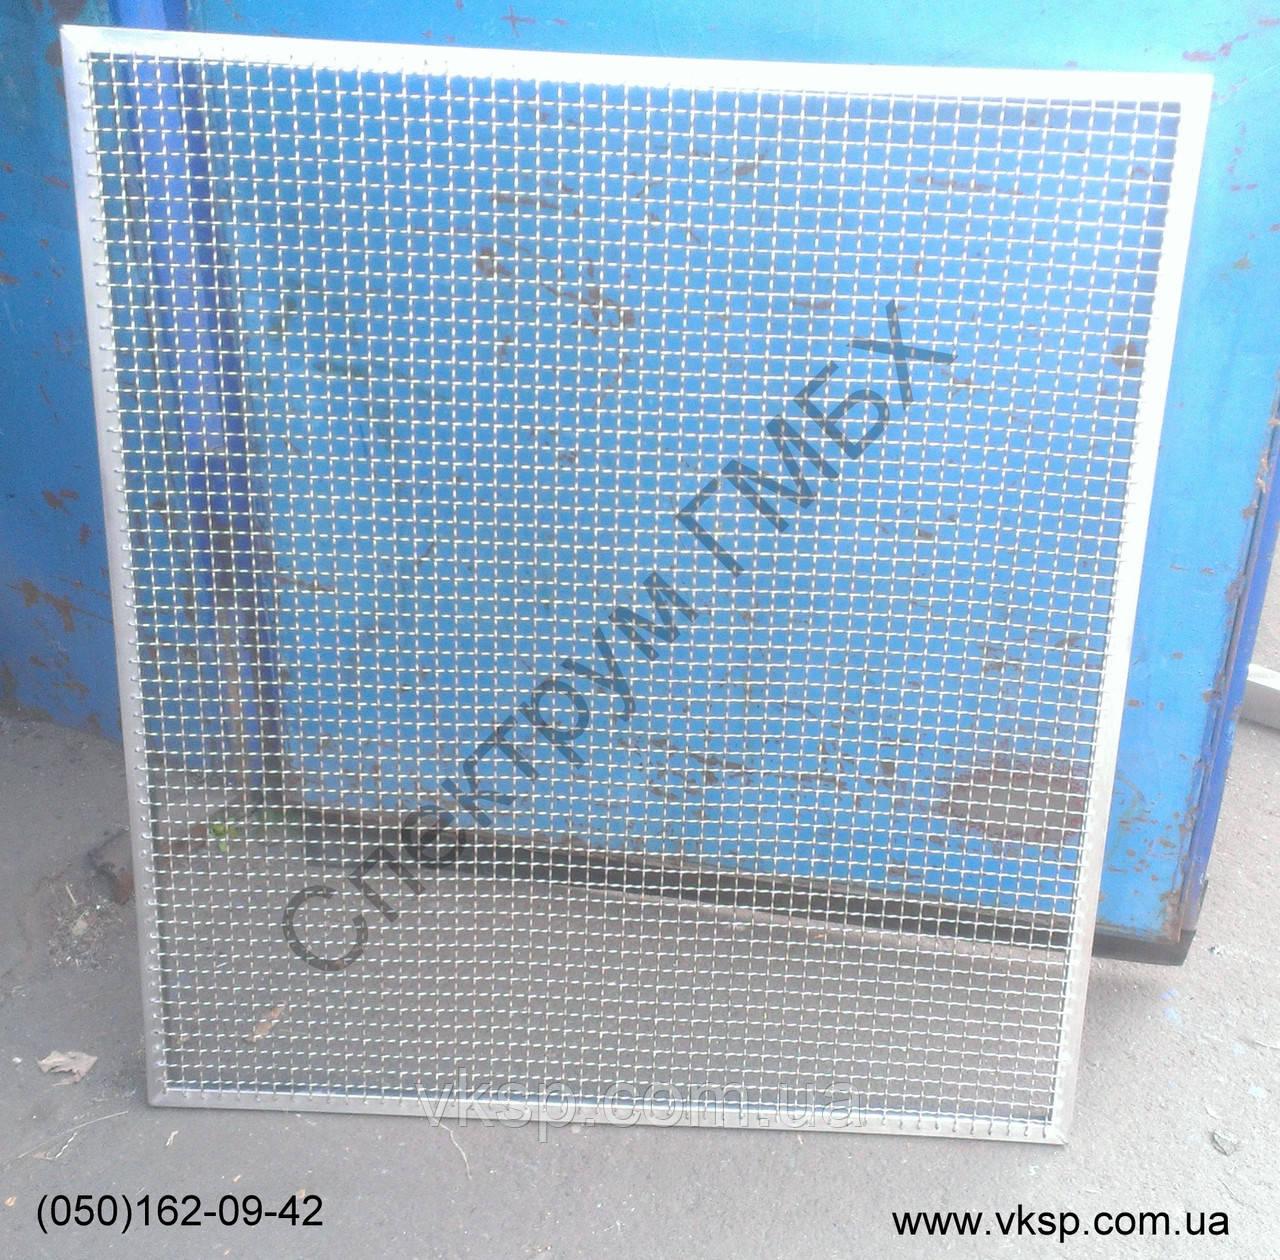 Коптильная сетка 890х990 ячейка 15х15х2